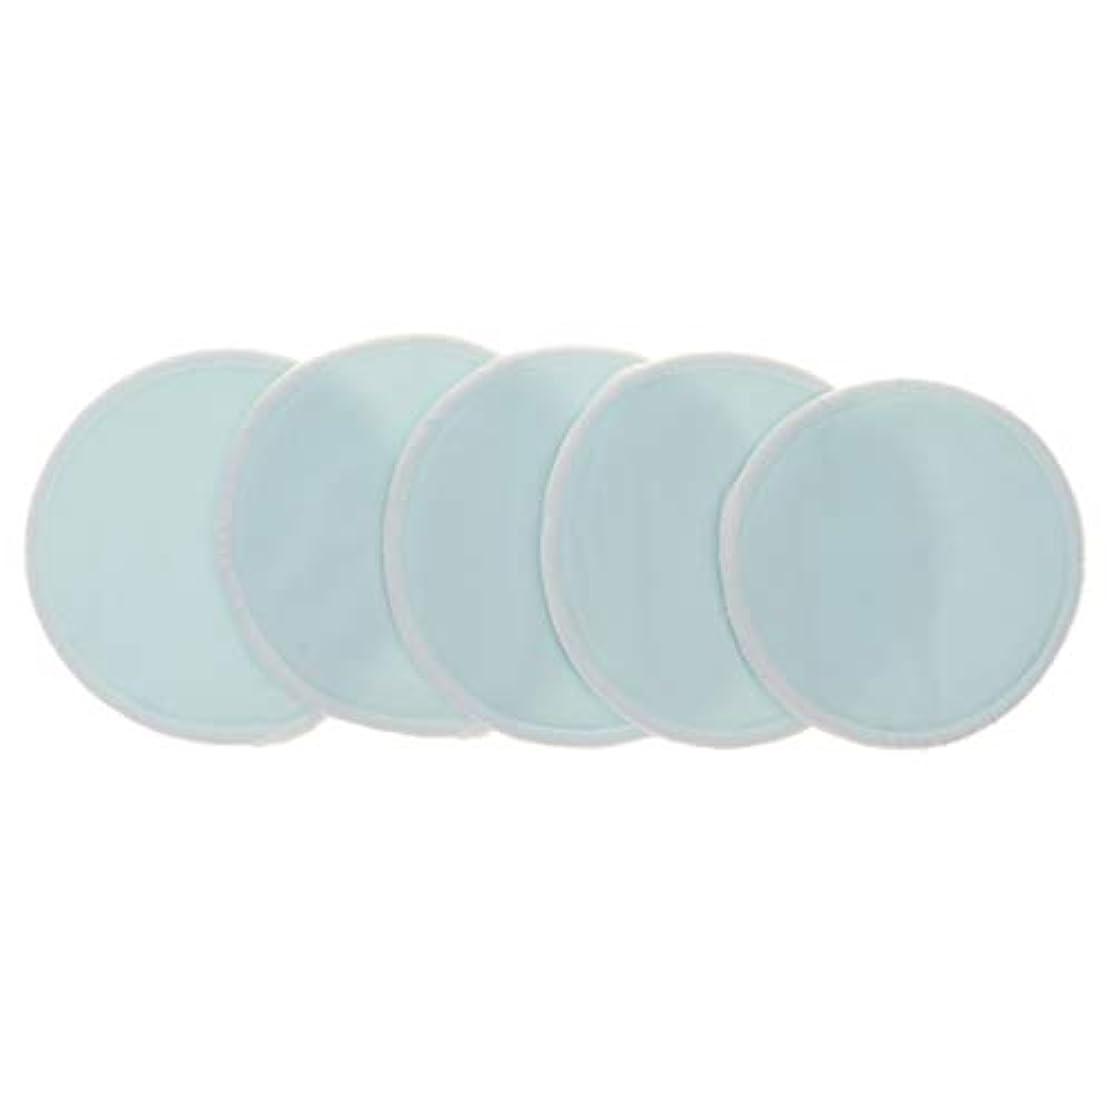 辞書空中チューブKESOTO 全5色 胸パッド クレンジングシート メイクアップ 竹繊維 12cm 洗える 再使用可 実用的 5個入 - 青